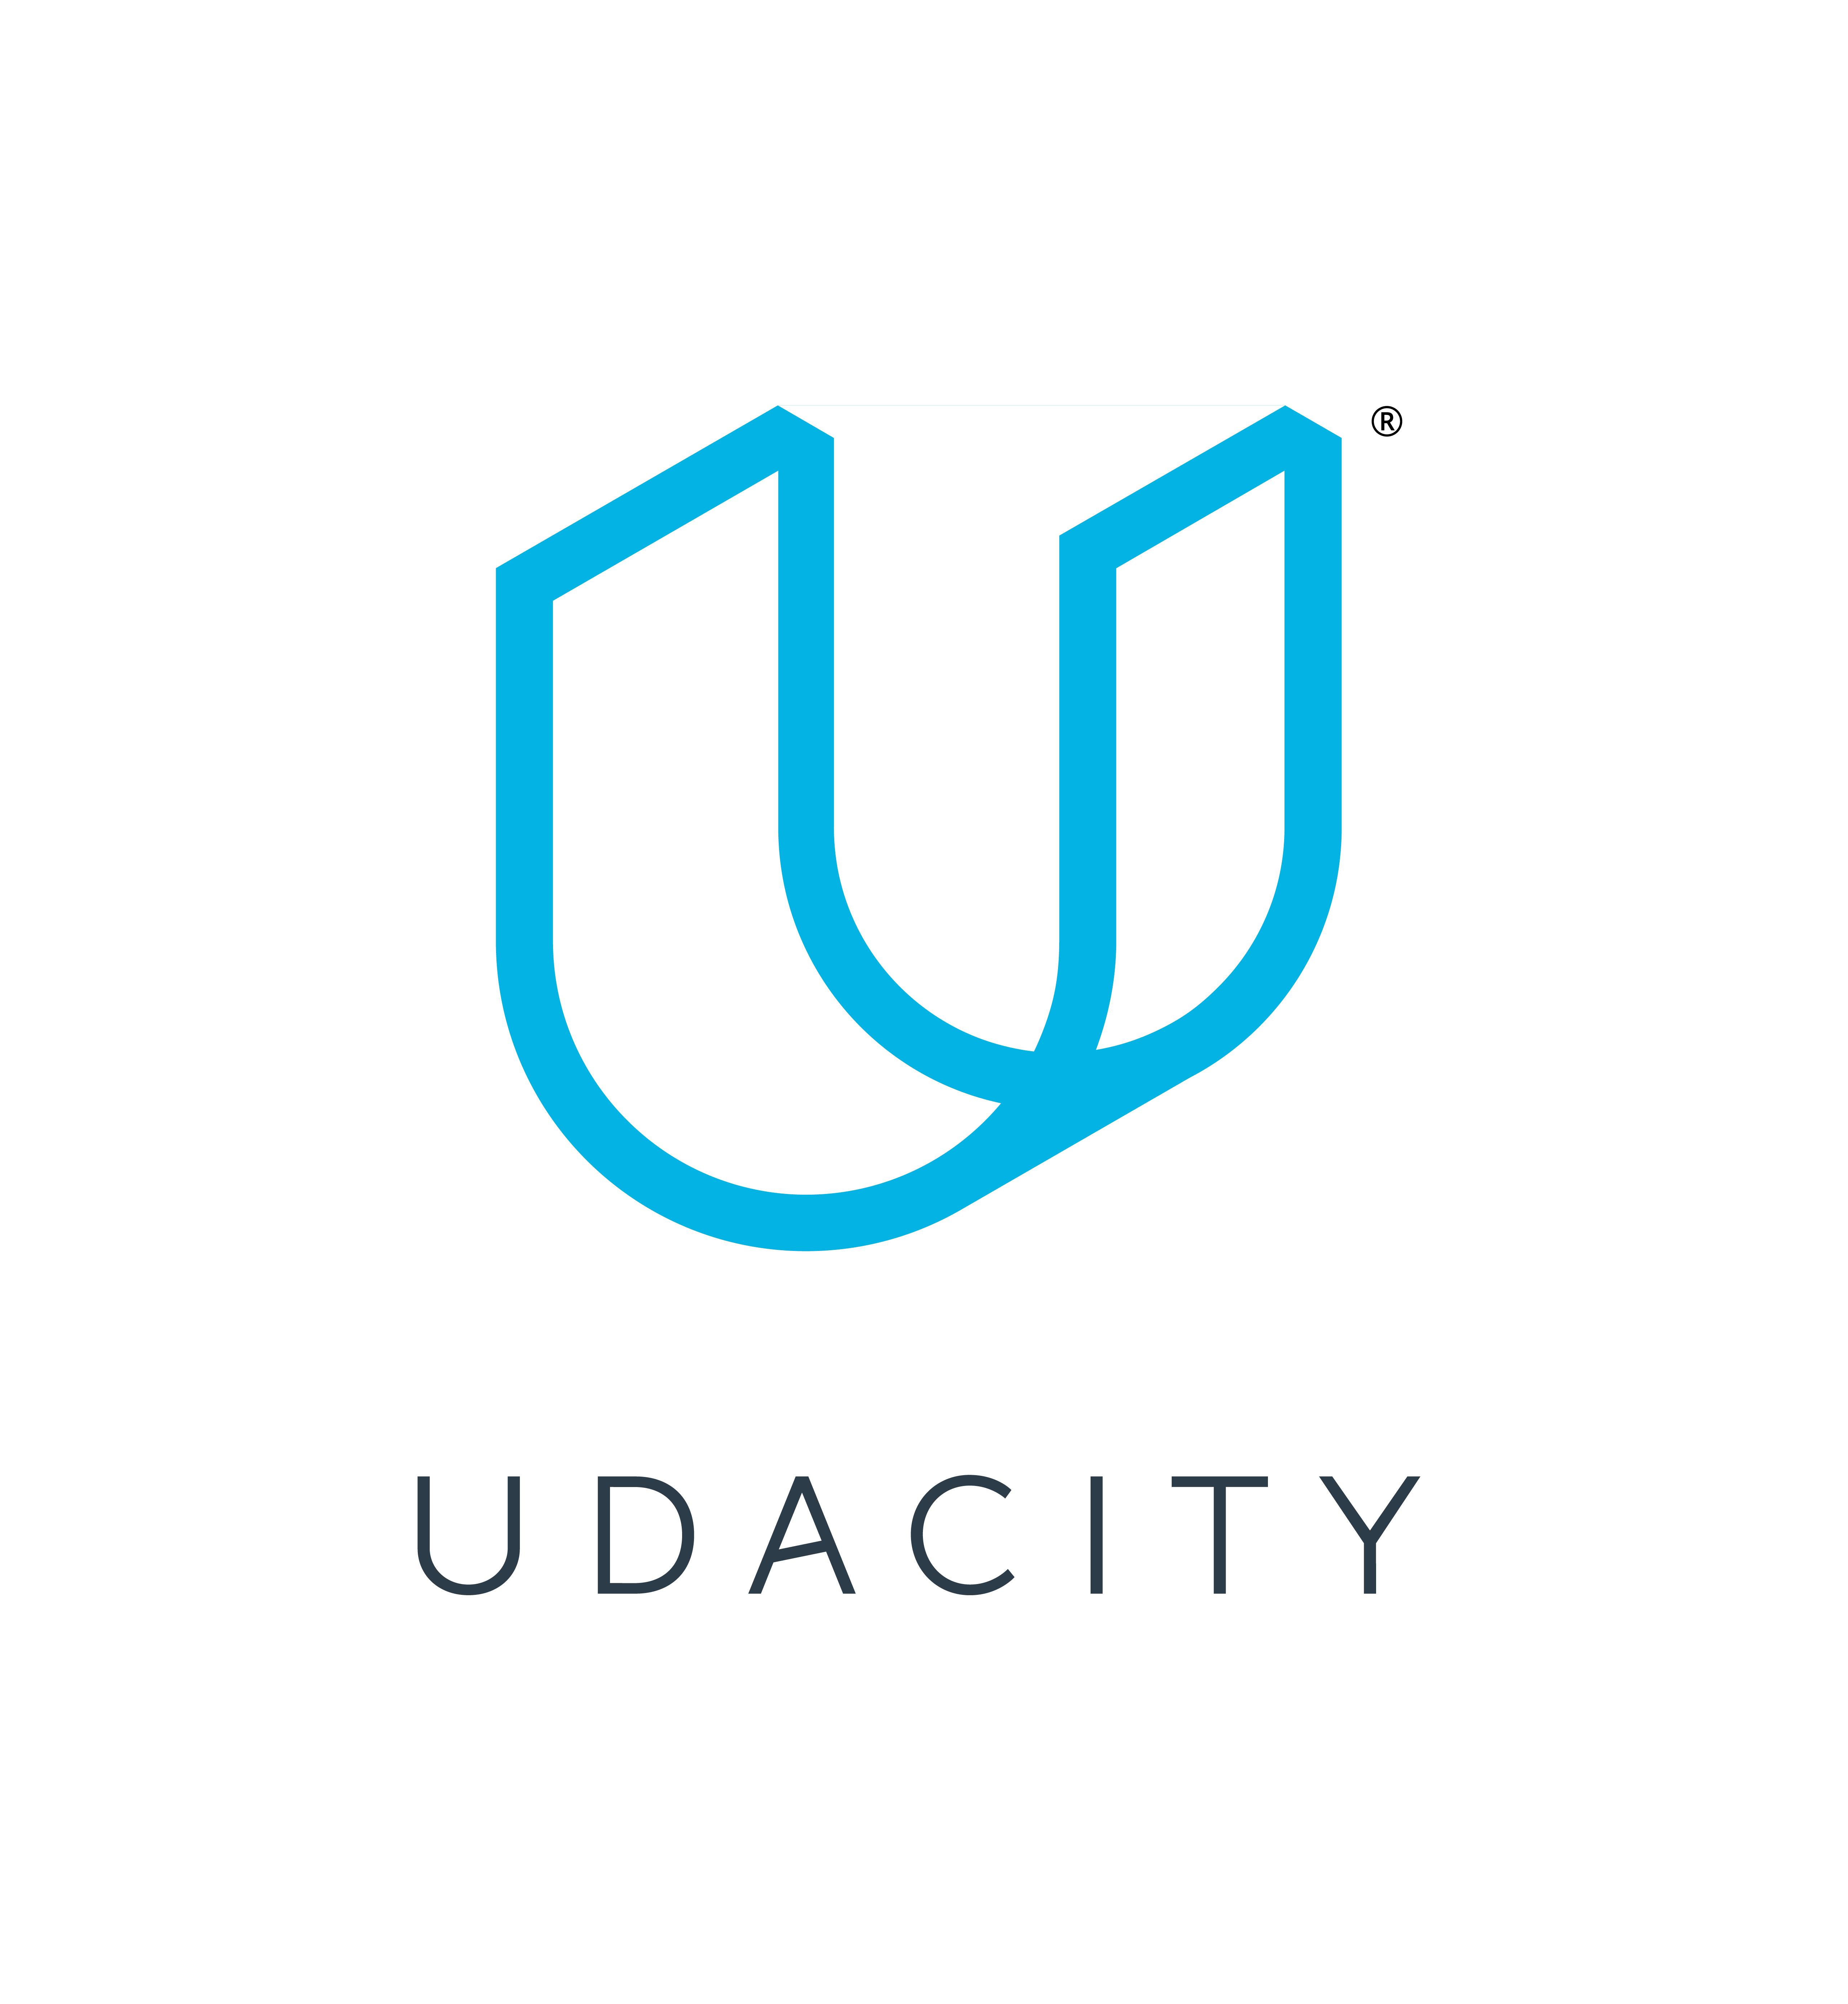 Udacity_logo - Kirk Werner (1)_1000-vert